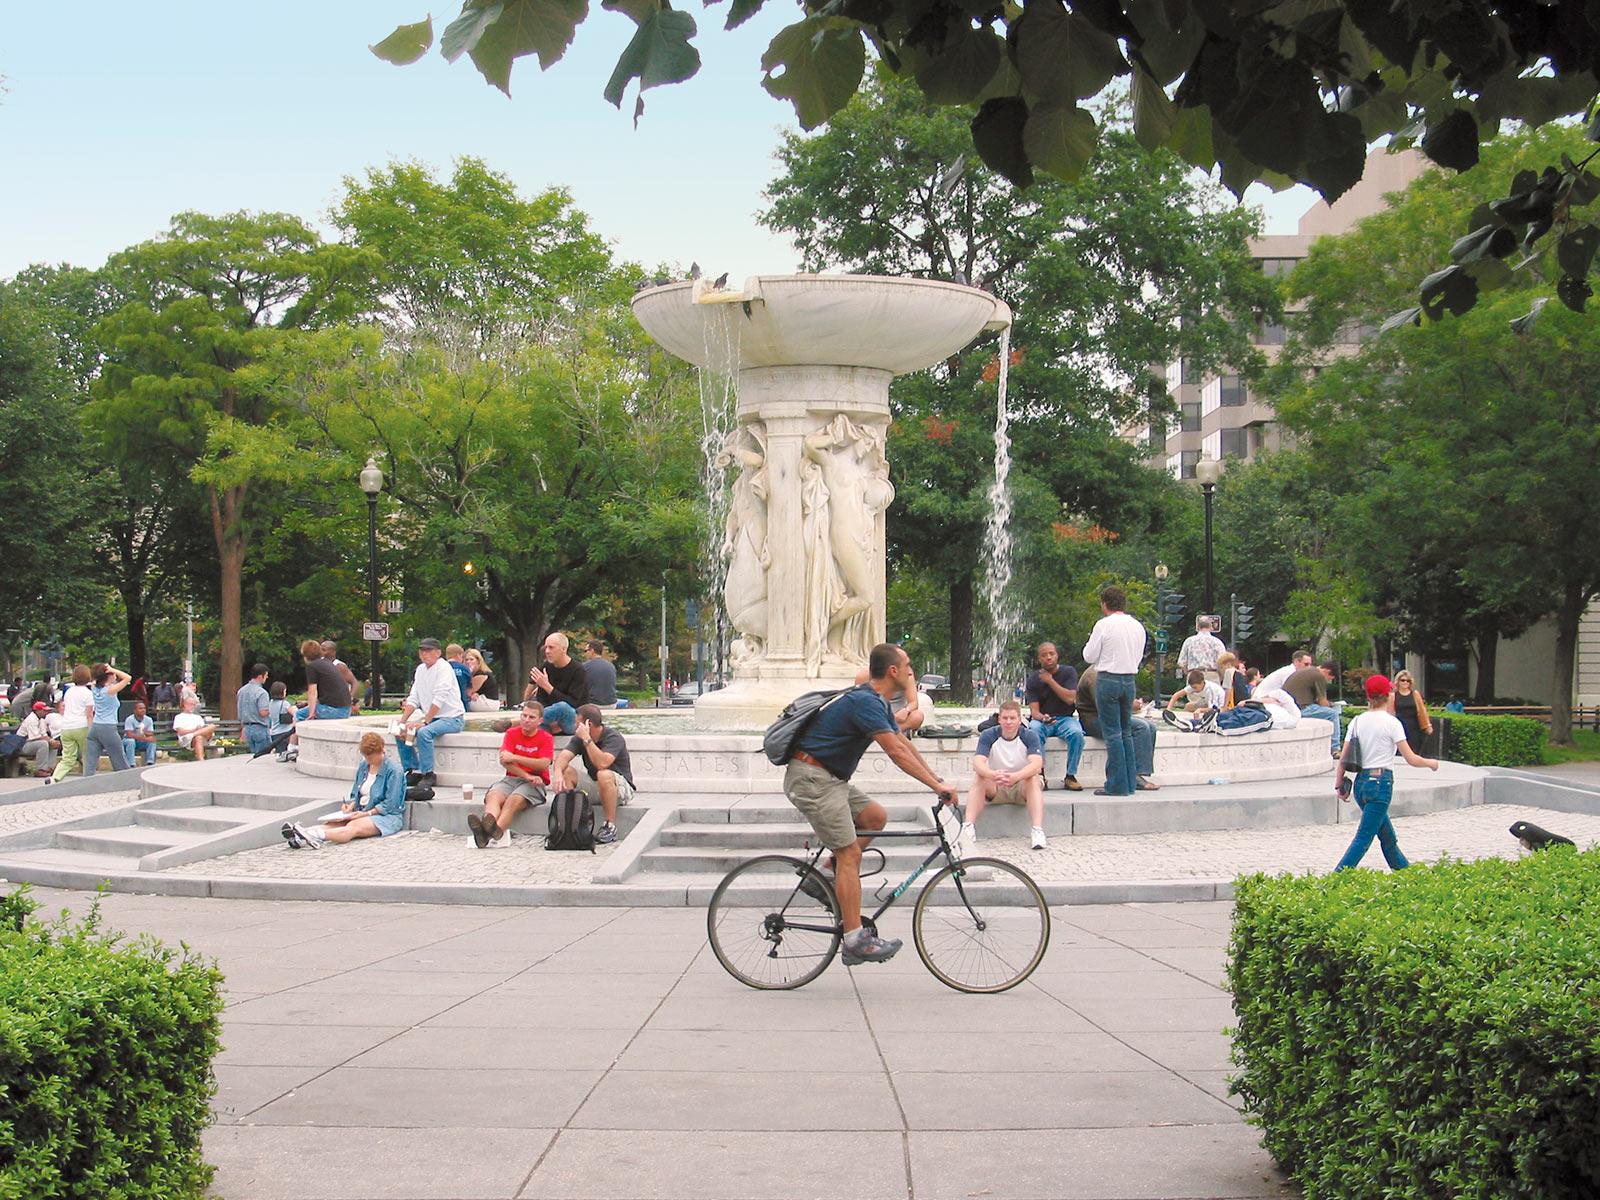 man-on-bike-dupont-circle-fountain